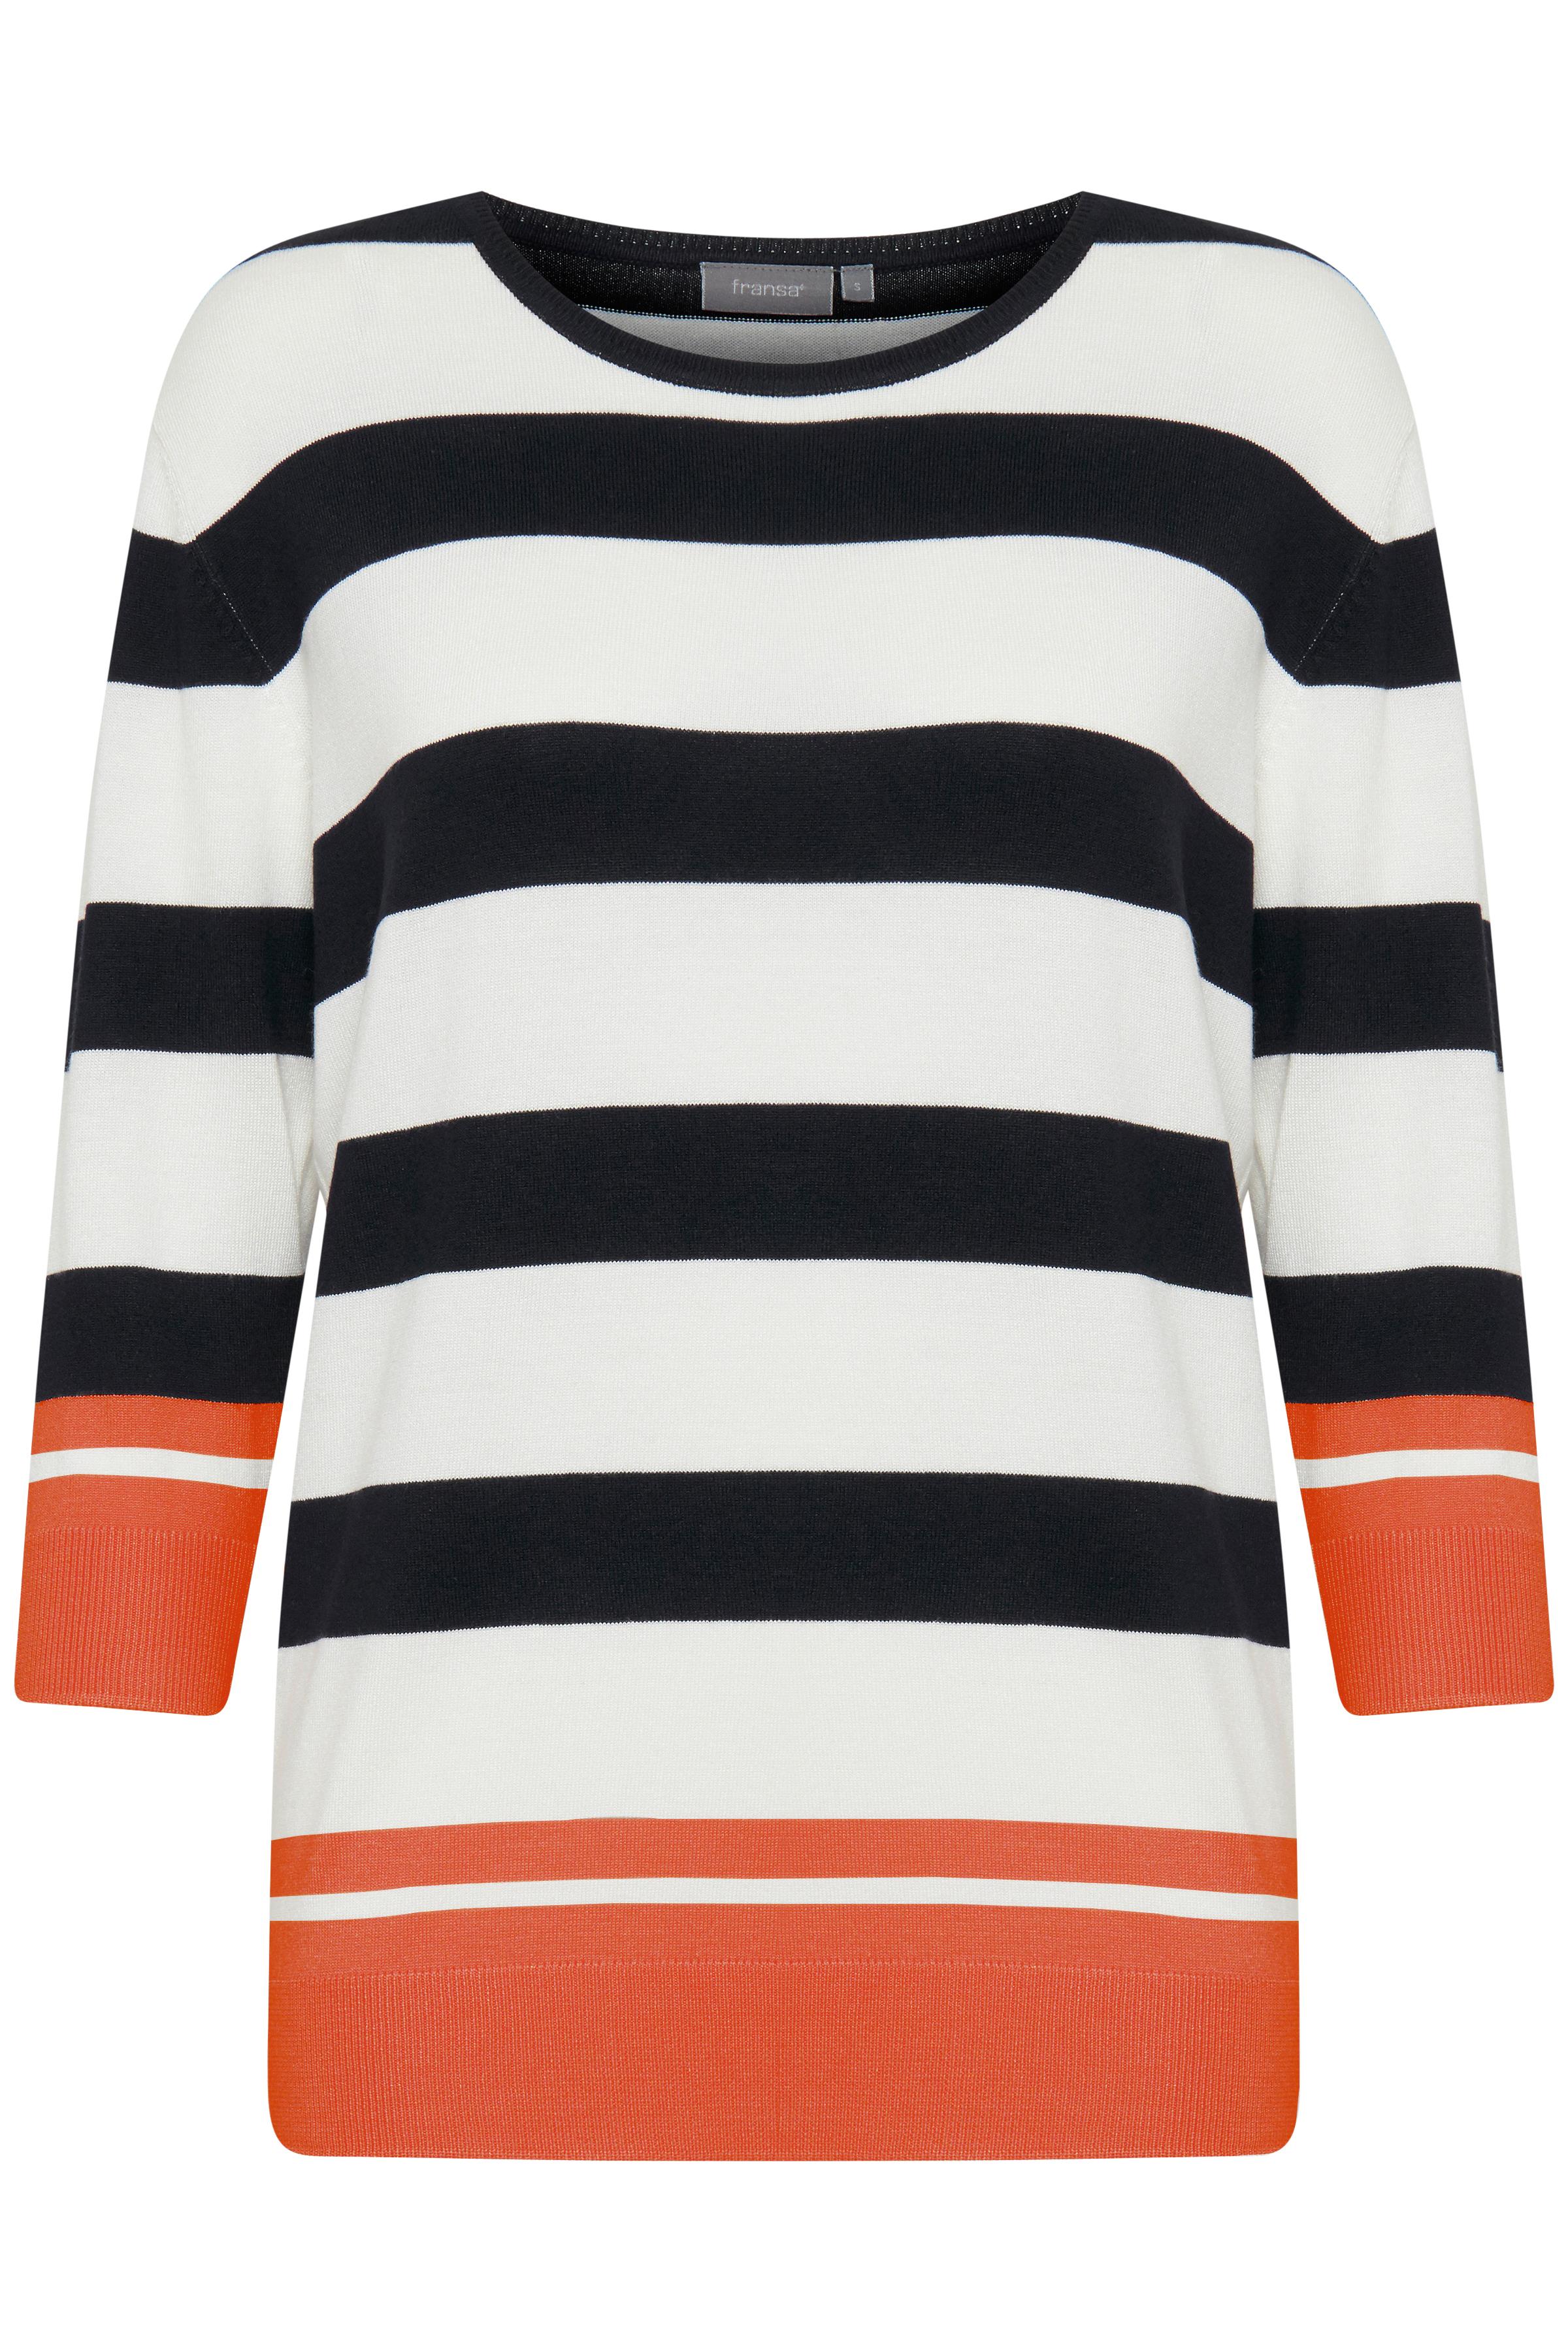 Weiß/orange